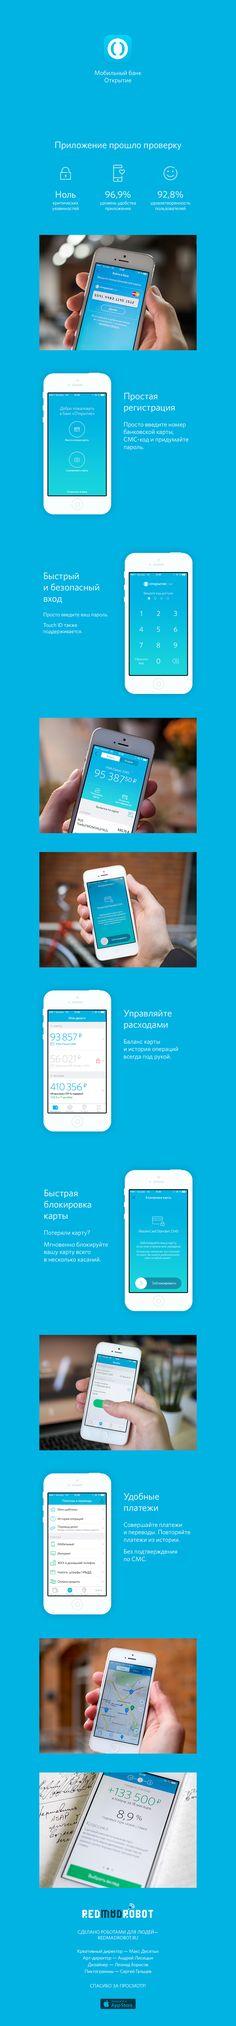 Мобильный банк Открытие, Interface © ЛеонидБорисов